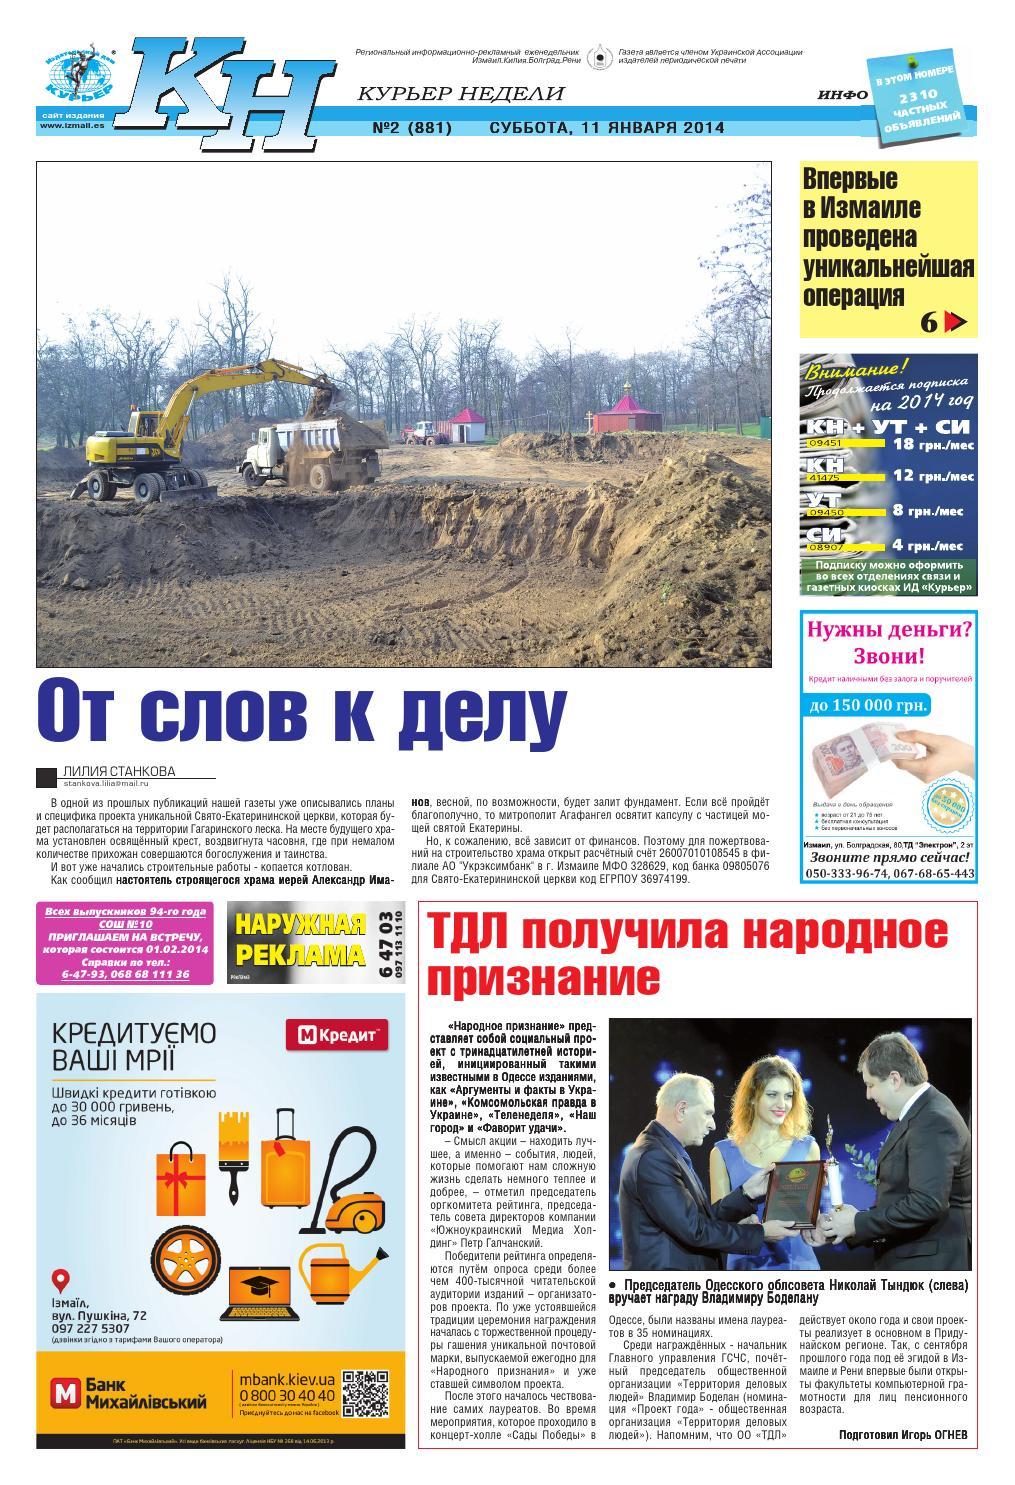 Курьер недели №2 за 11 января by Издательский дом